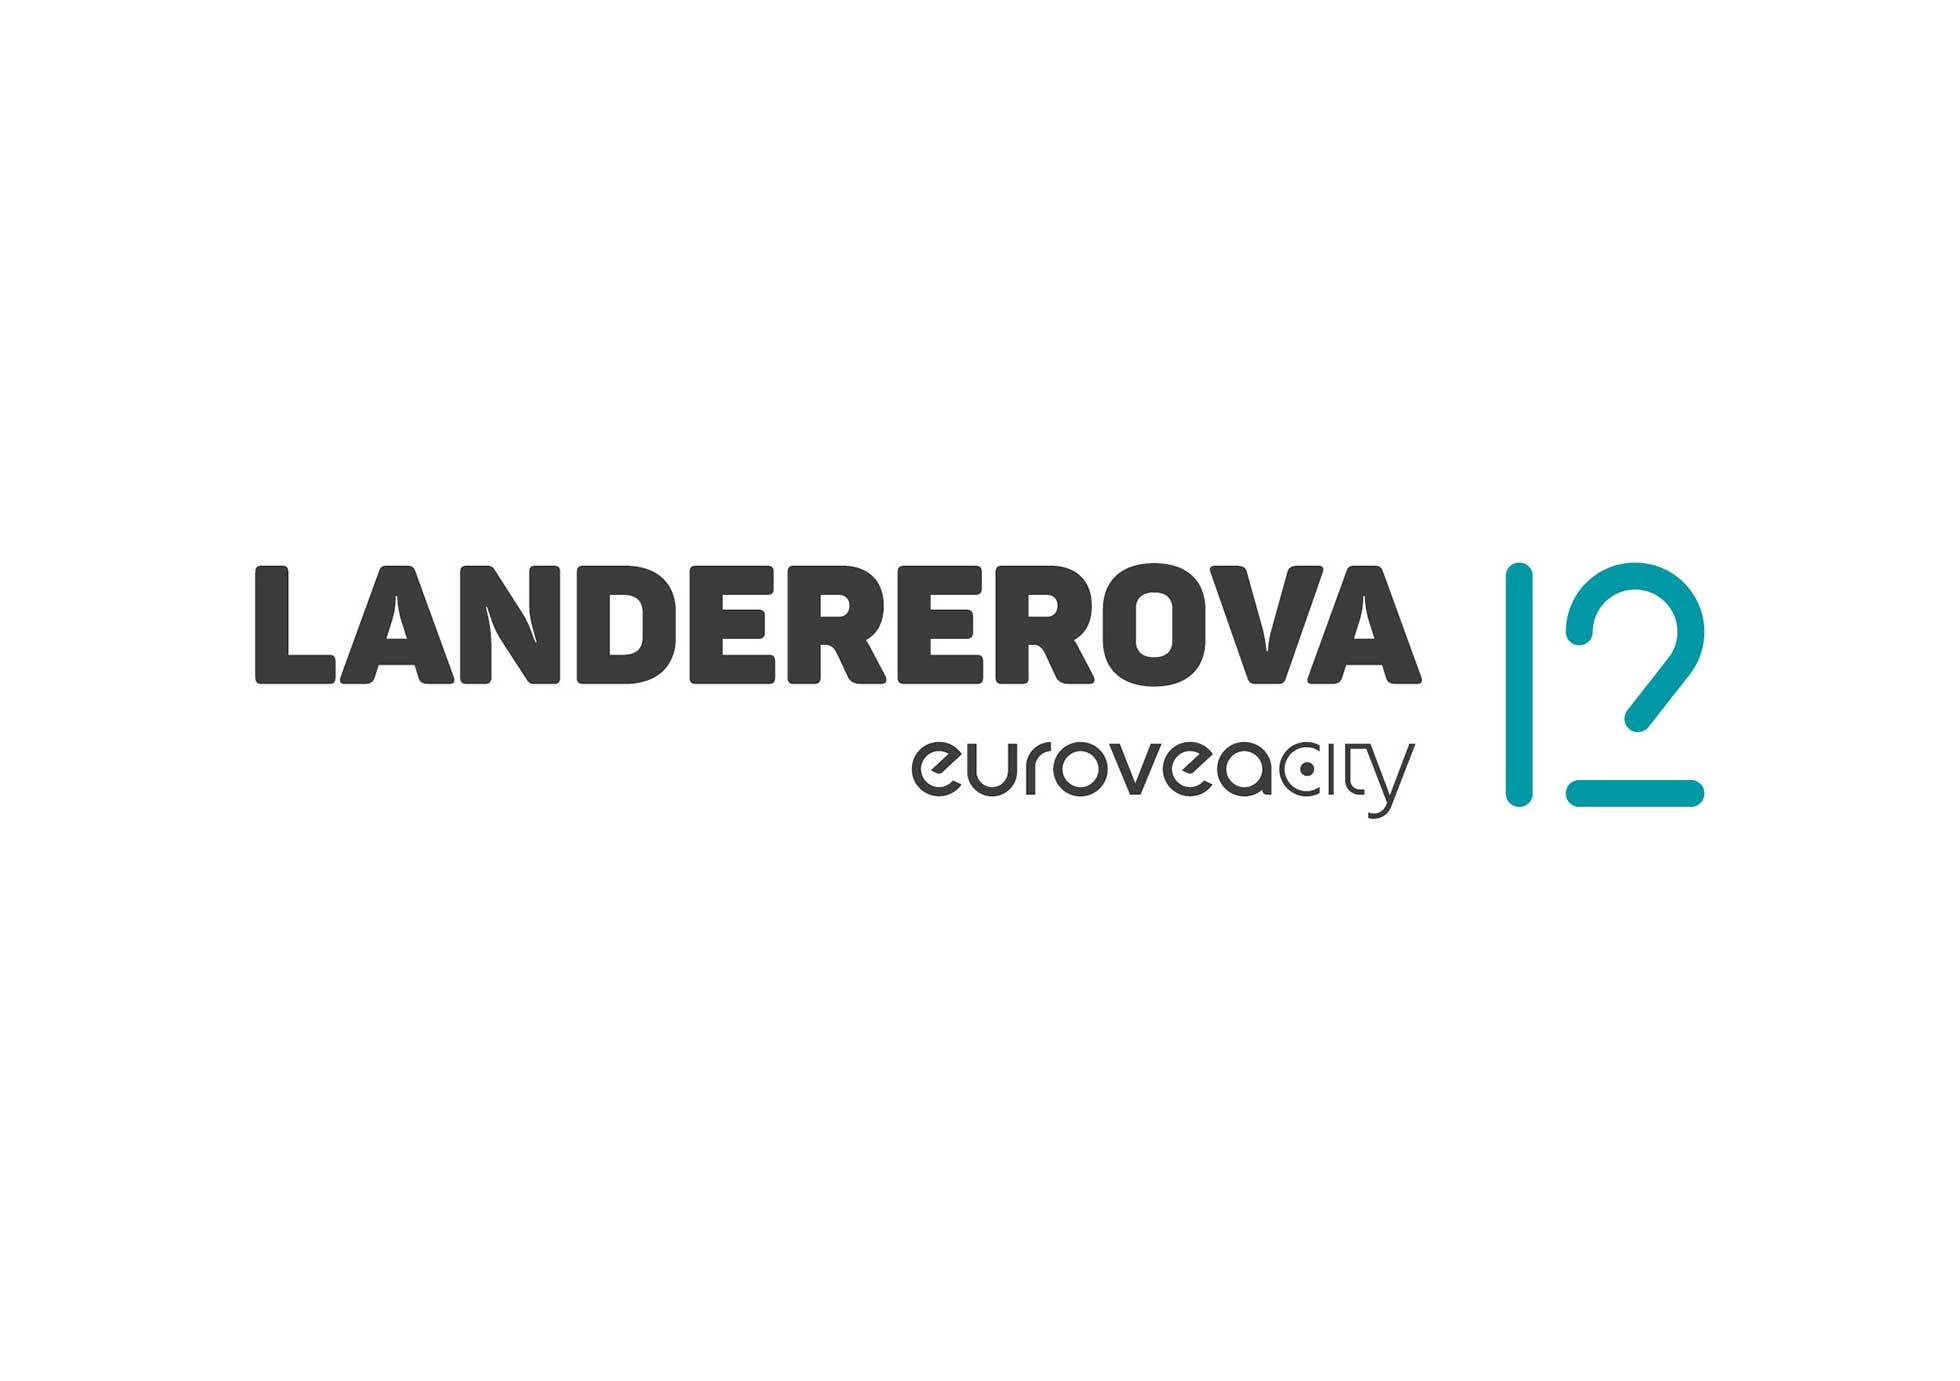 Landerova 12 logo